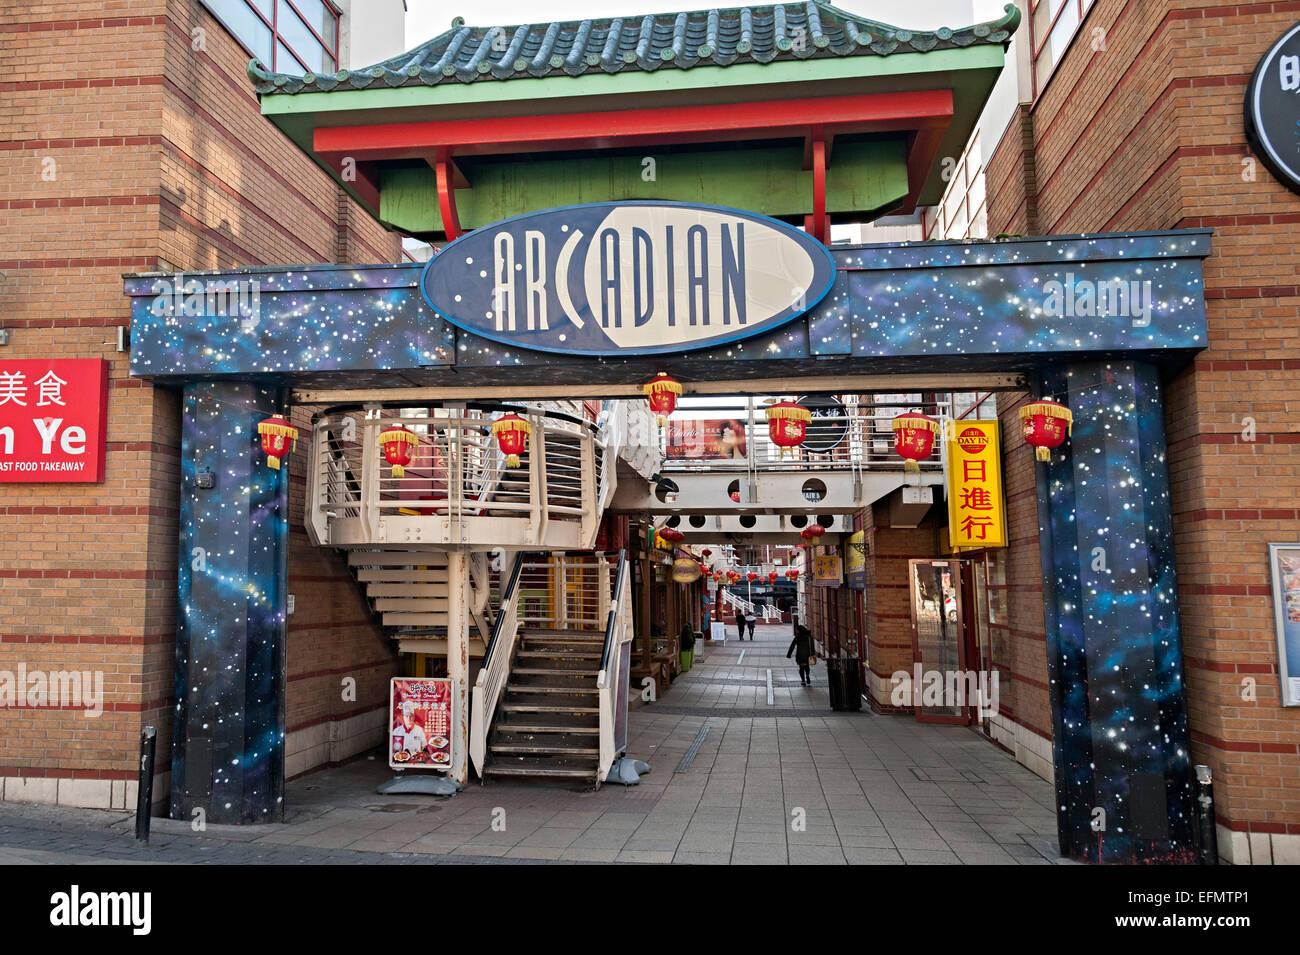 Chinese Restaurant Chinatown Birmingham